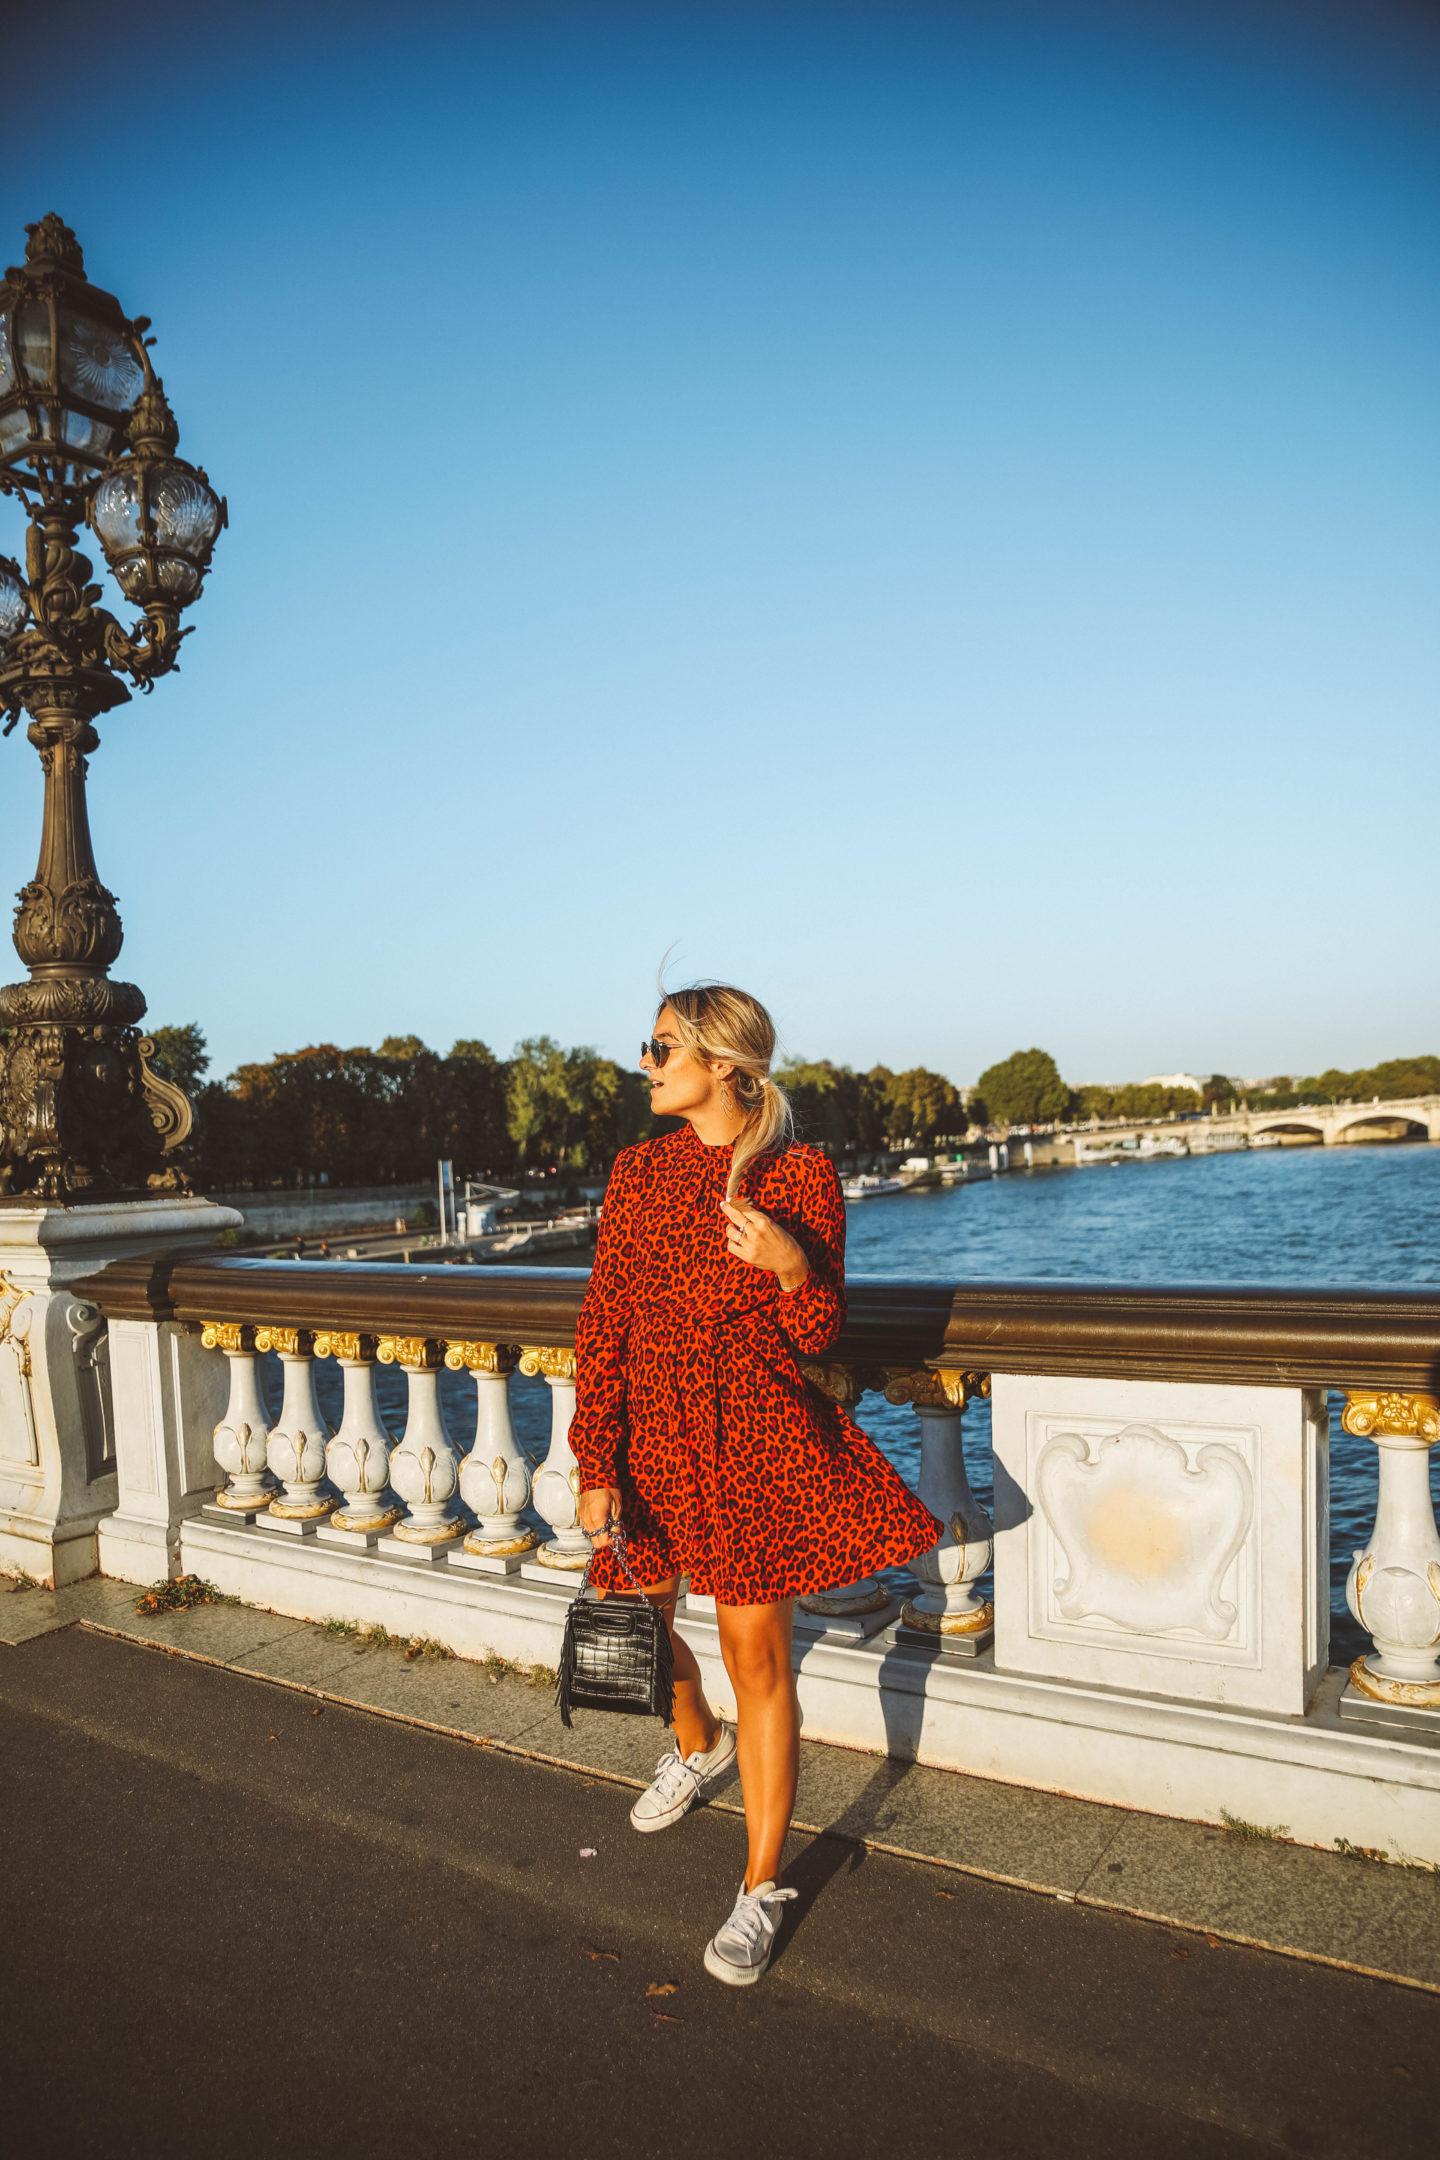 Converse - Blondie Baby blog mode Paris et voyages